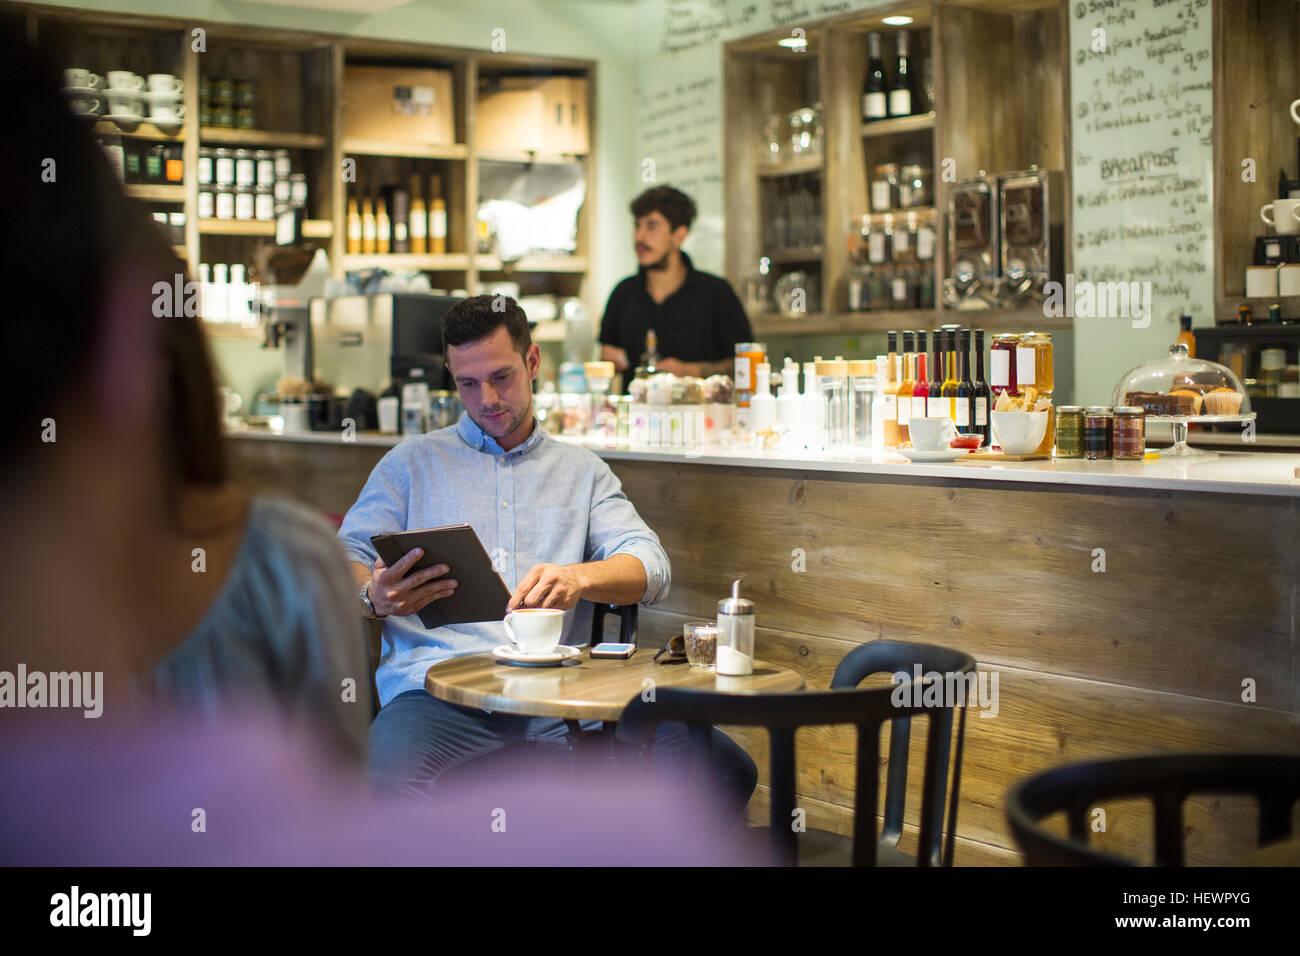 Uomo seduto in cafe la navigazione digitale compressa Immagini Stock